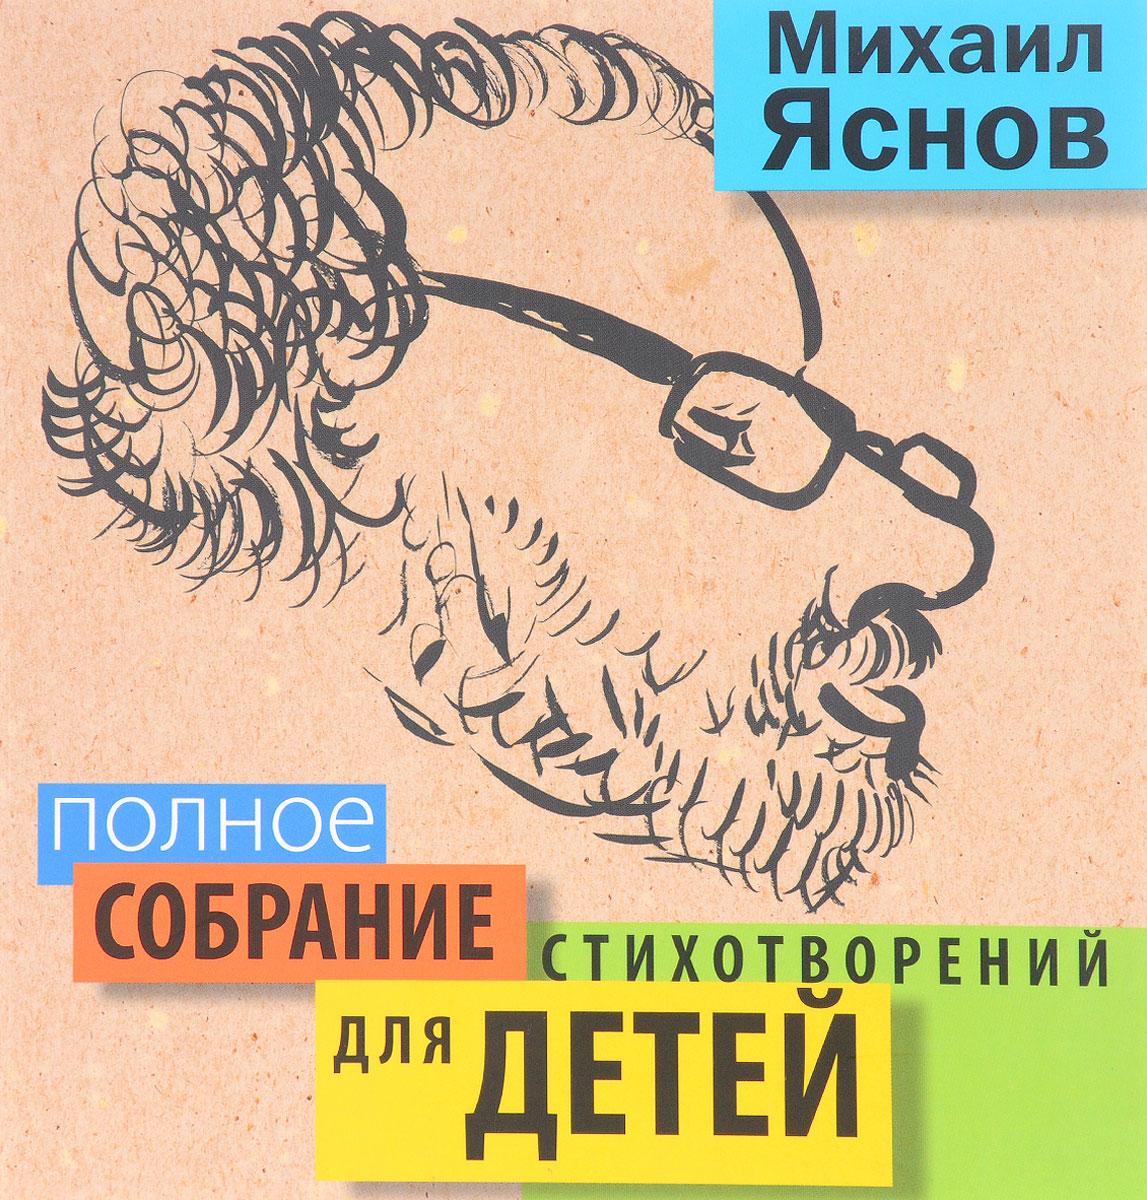 Михаил Яснов Михаил Яснов. Полное собрание стихотворений для детей